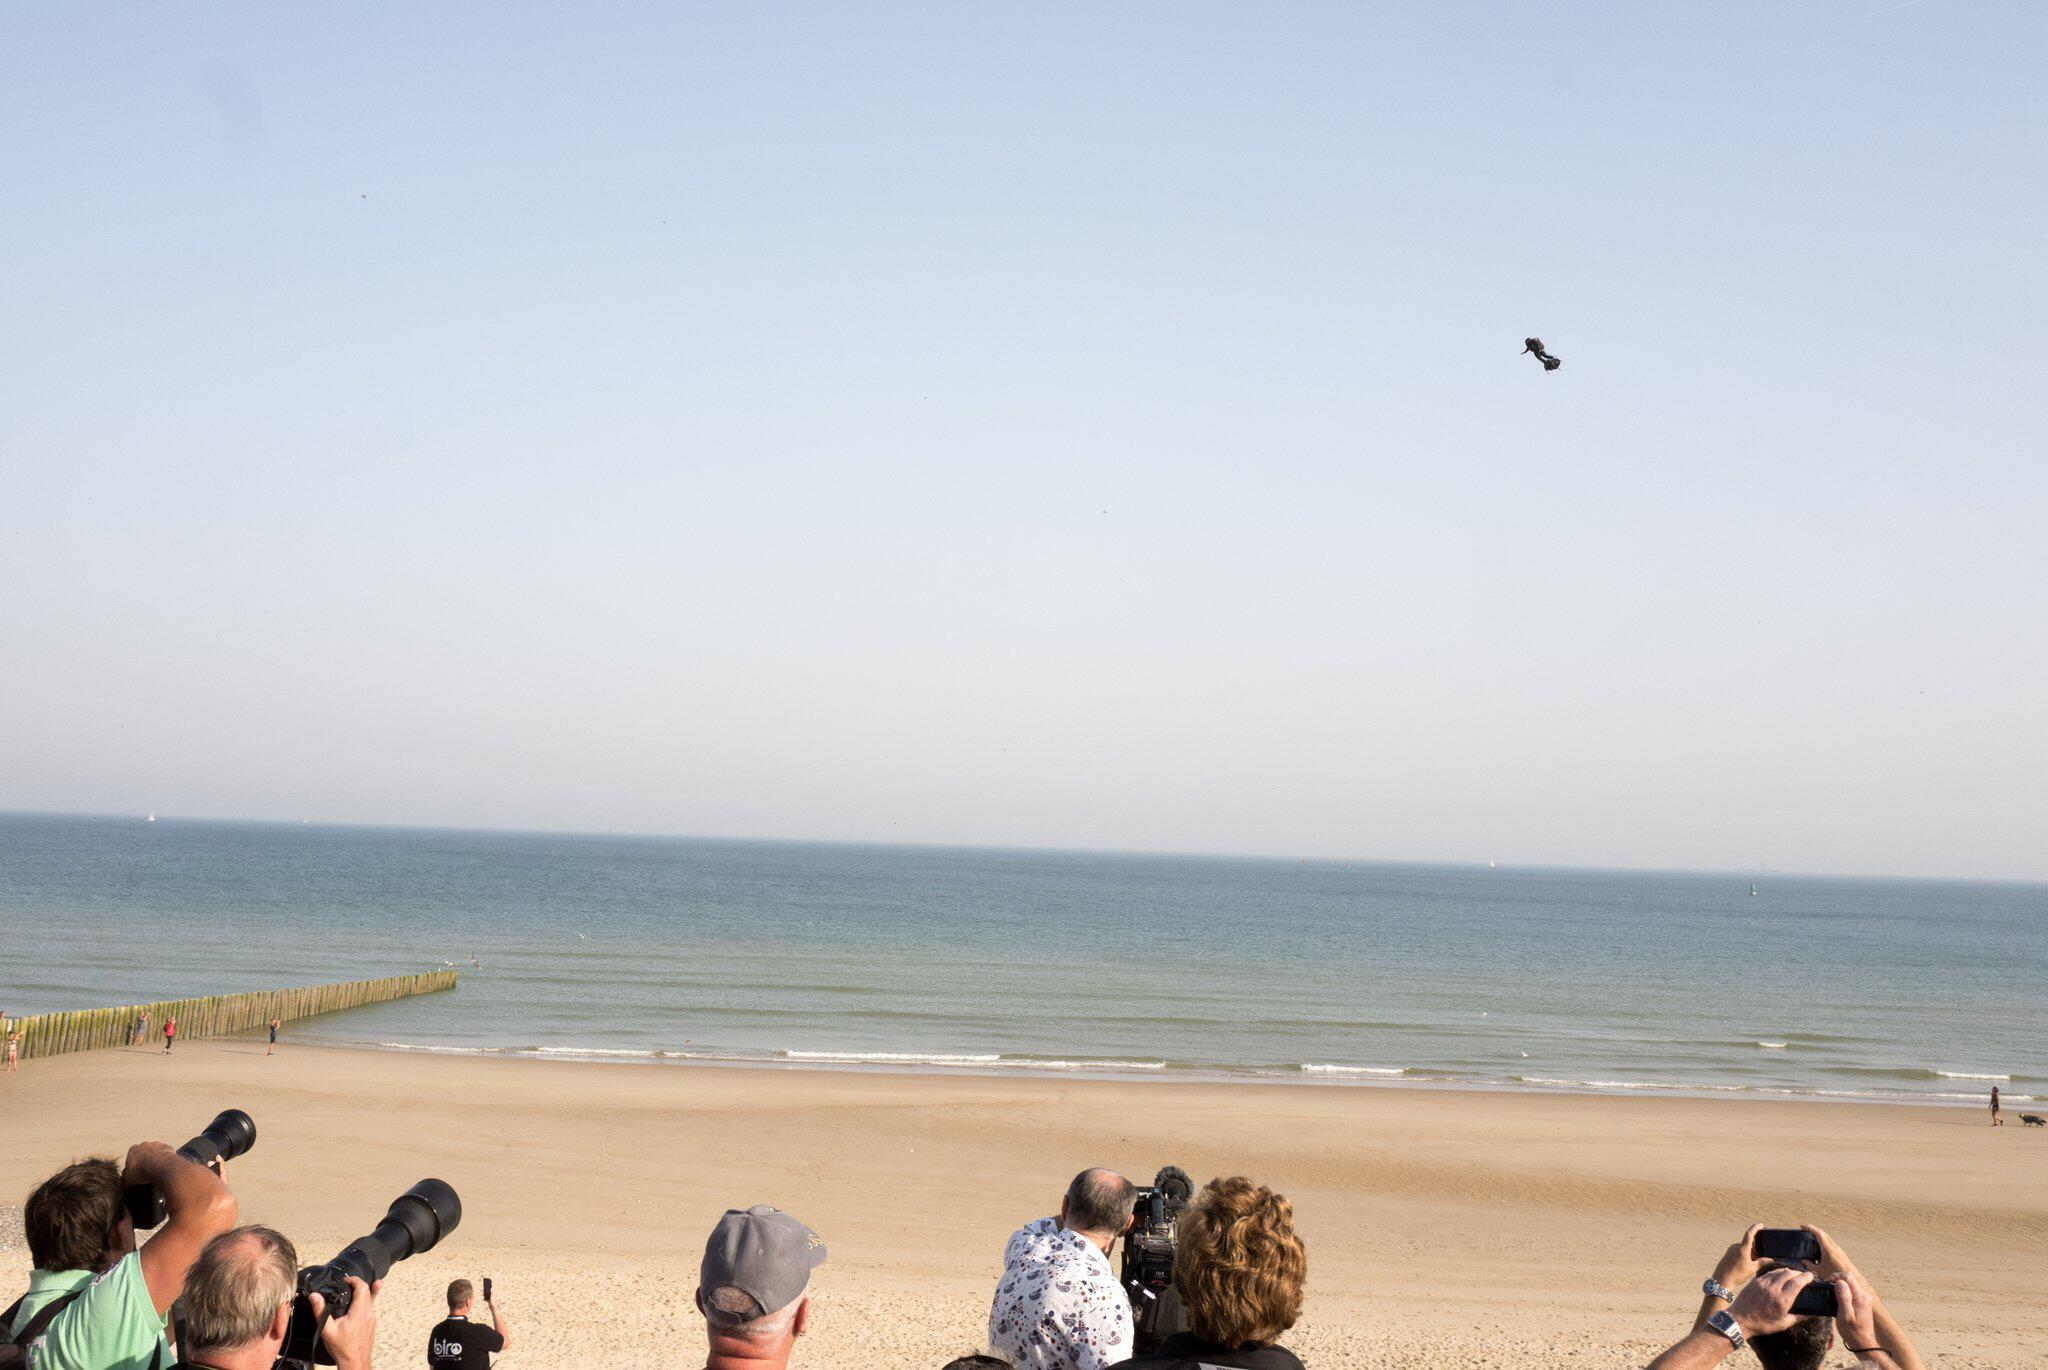 Bild zu Zapata will mit Flyboard Ärmelkanal überqueren